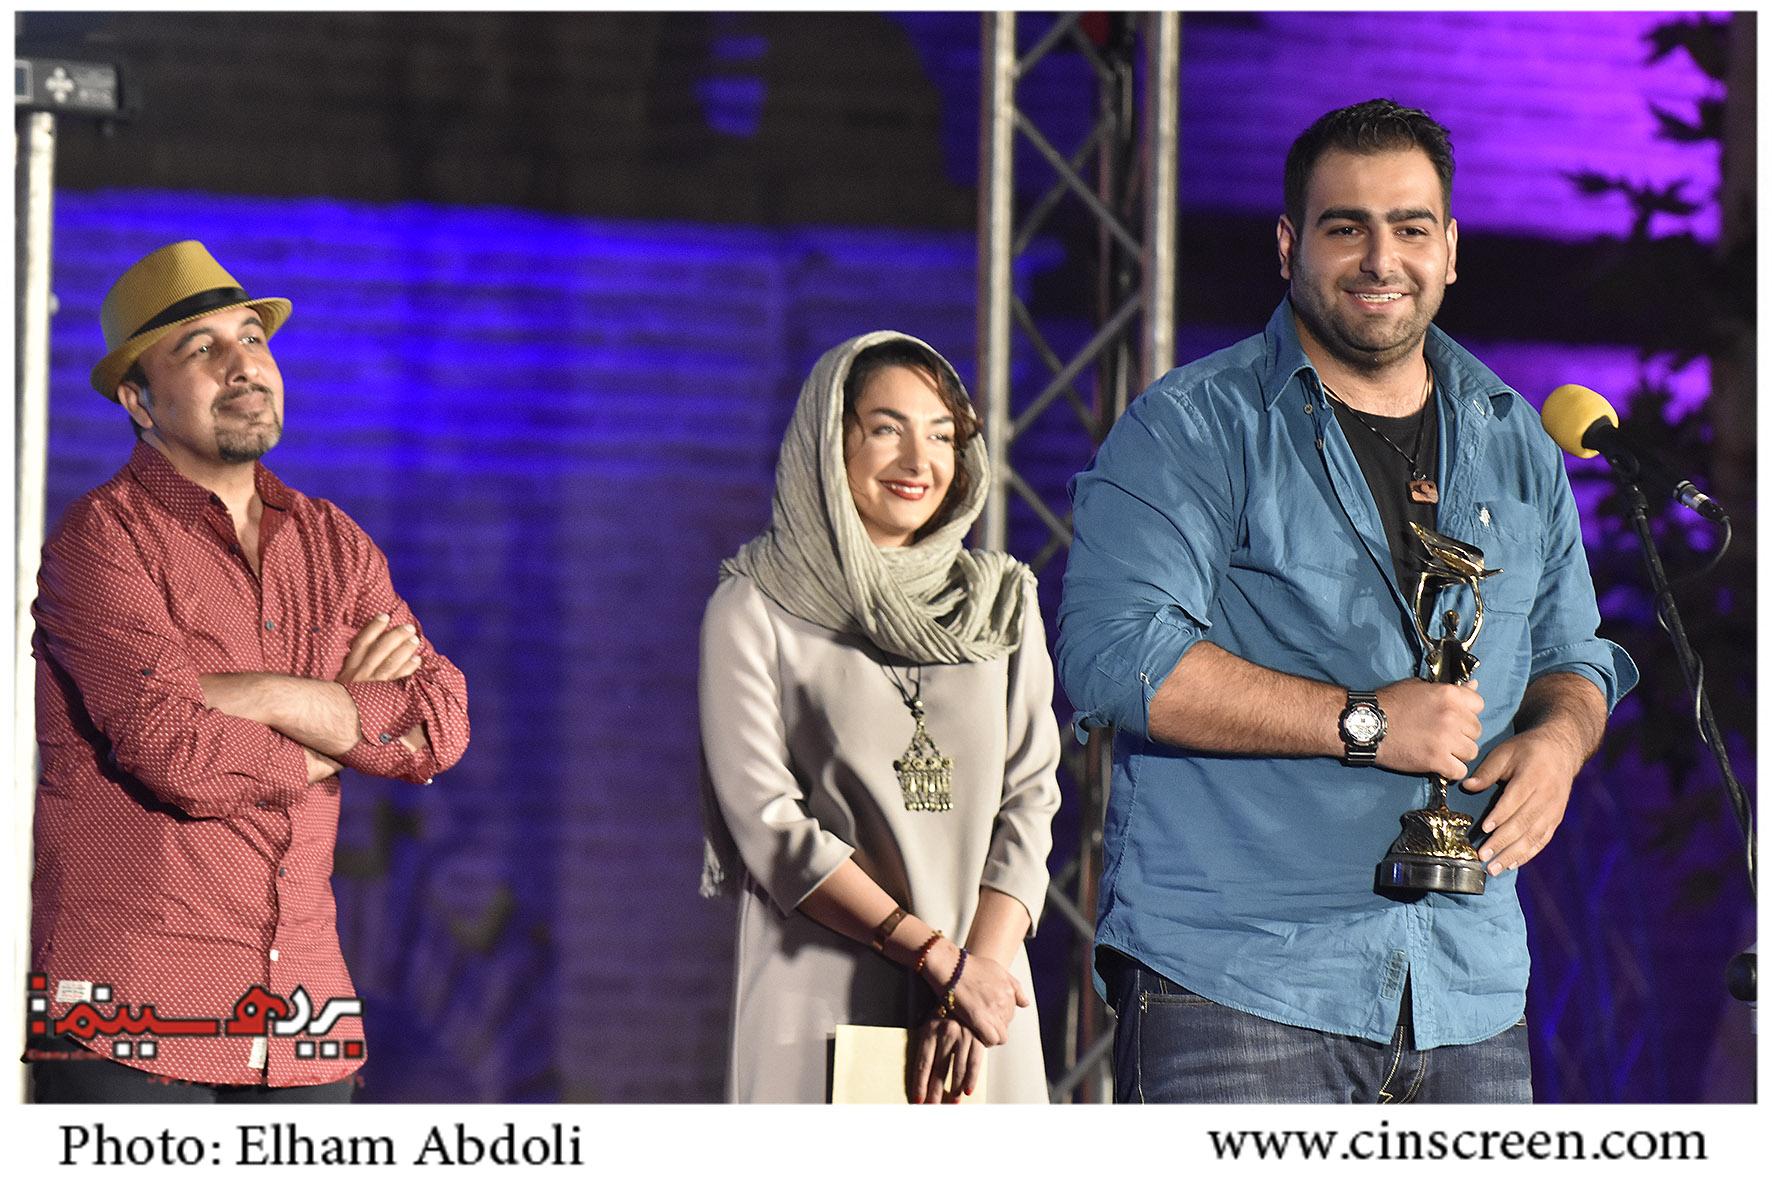 رضا عطاران، هانیه توسلی و محمد بدرلو. عکس از الهام عبدلی